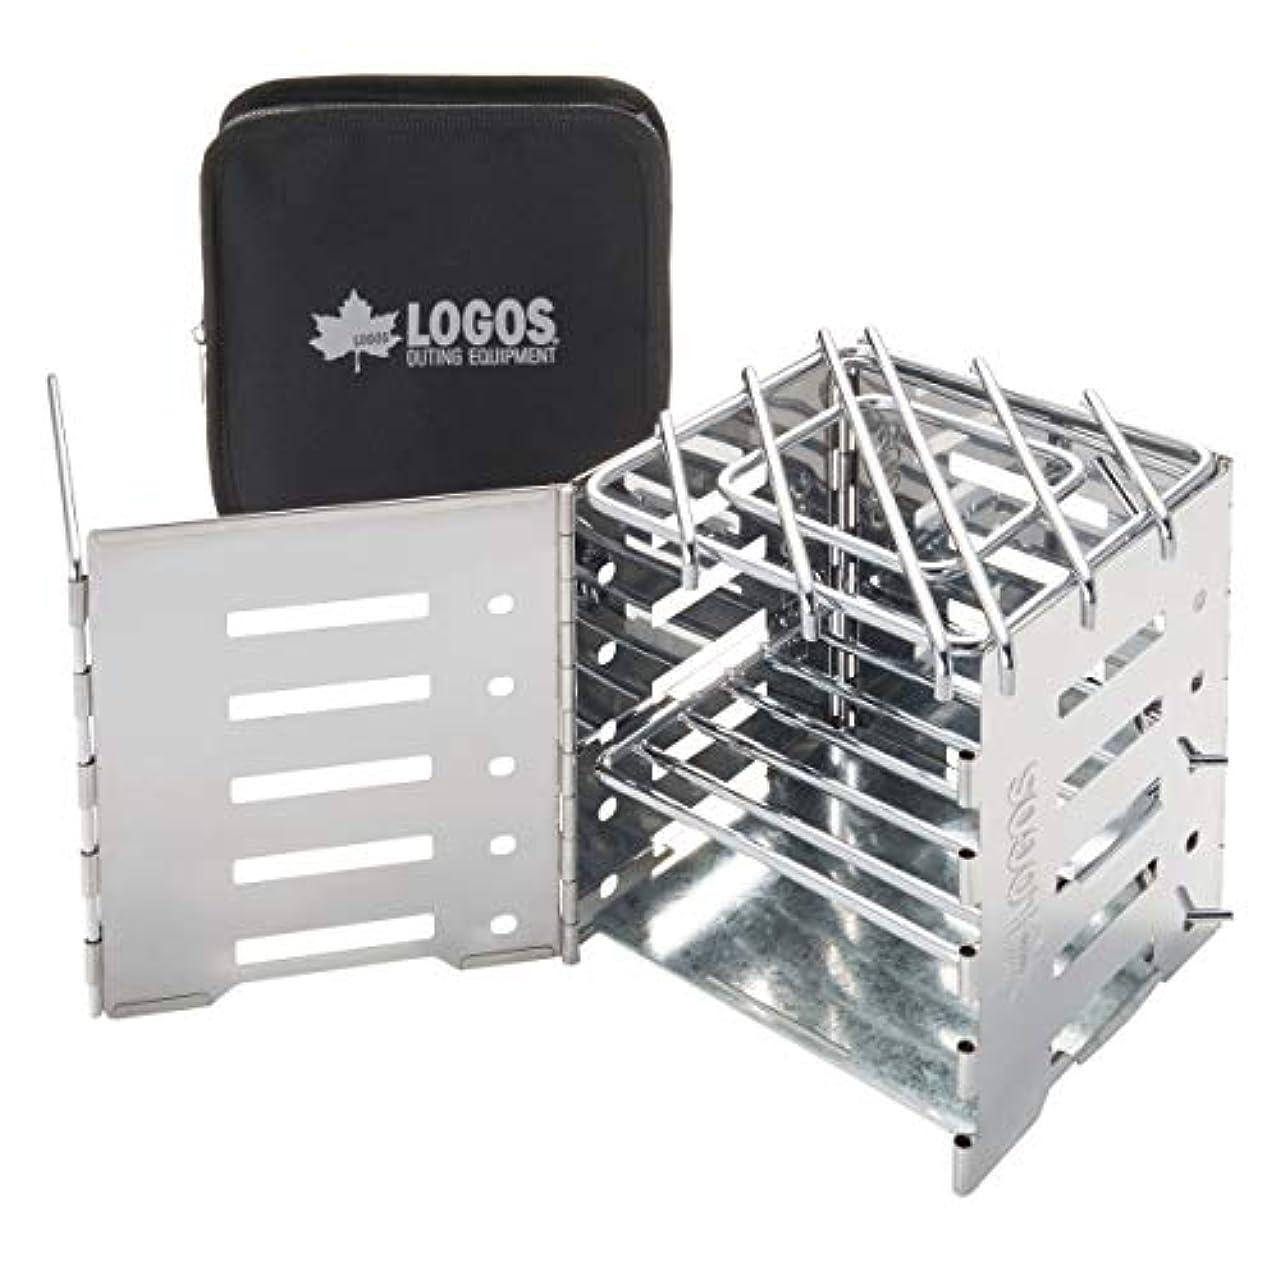 ゴシップカーフパステルロゴス(LOGOS) LOGOS BOOKグリル 81063151